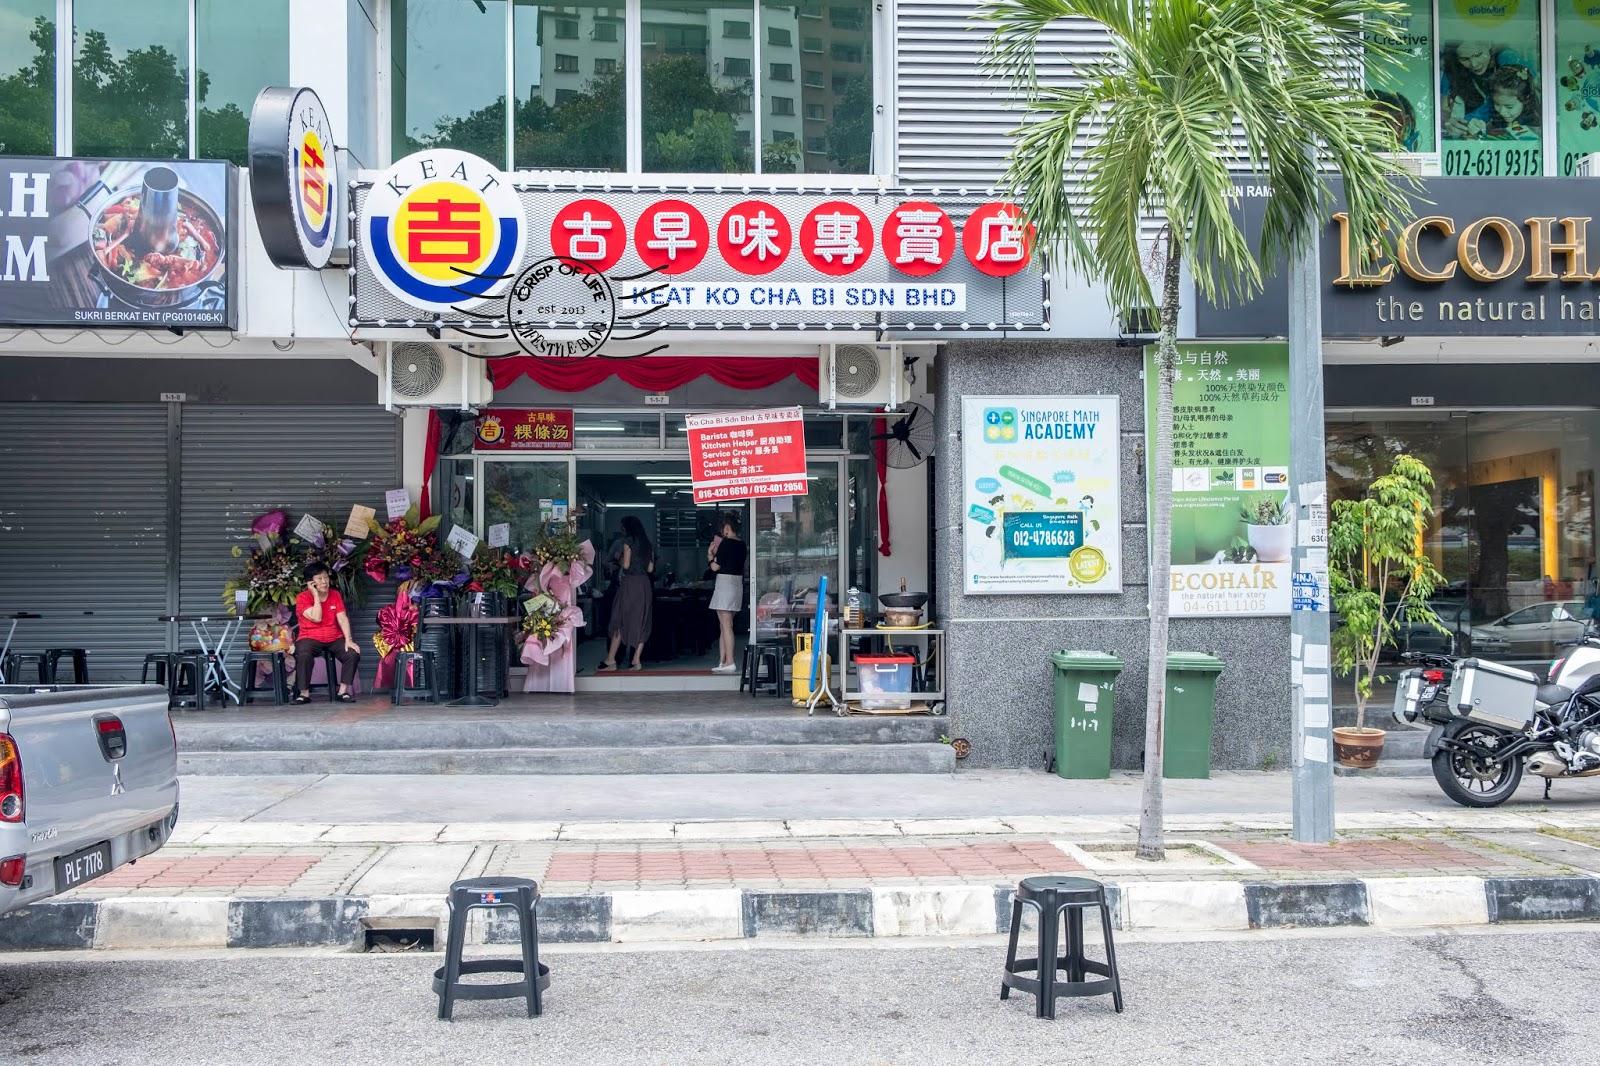 Keat Ko Cha Bi Sdn Bhd 吉古早味专卖店, Sungai Ara Penang